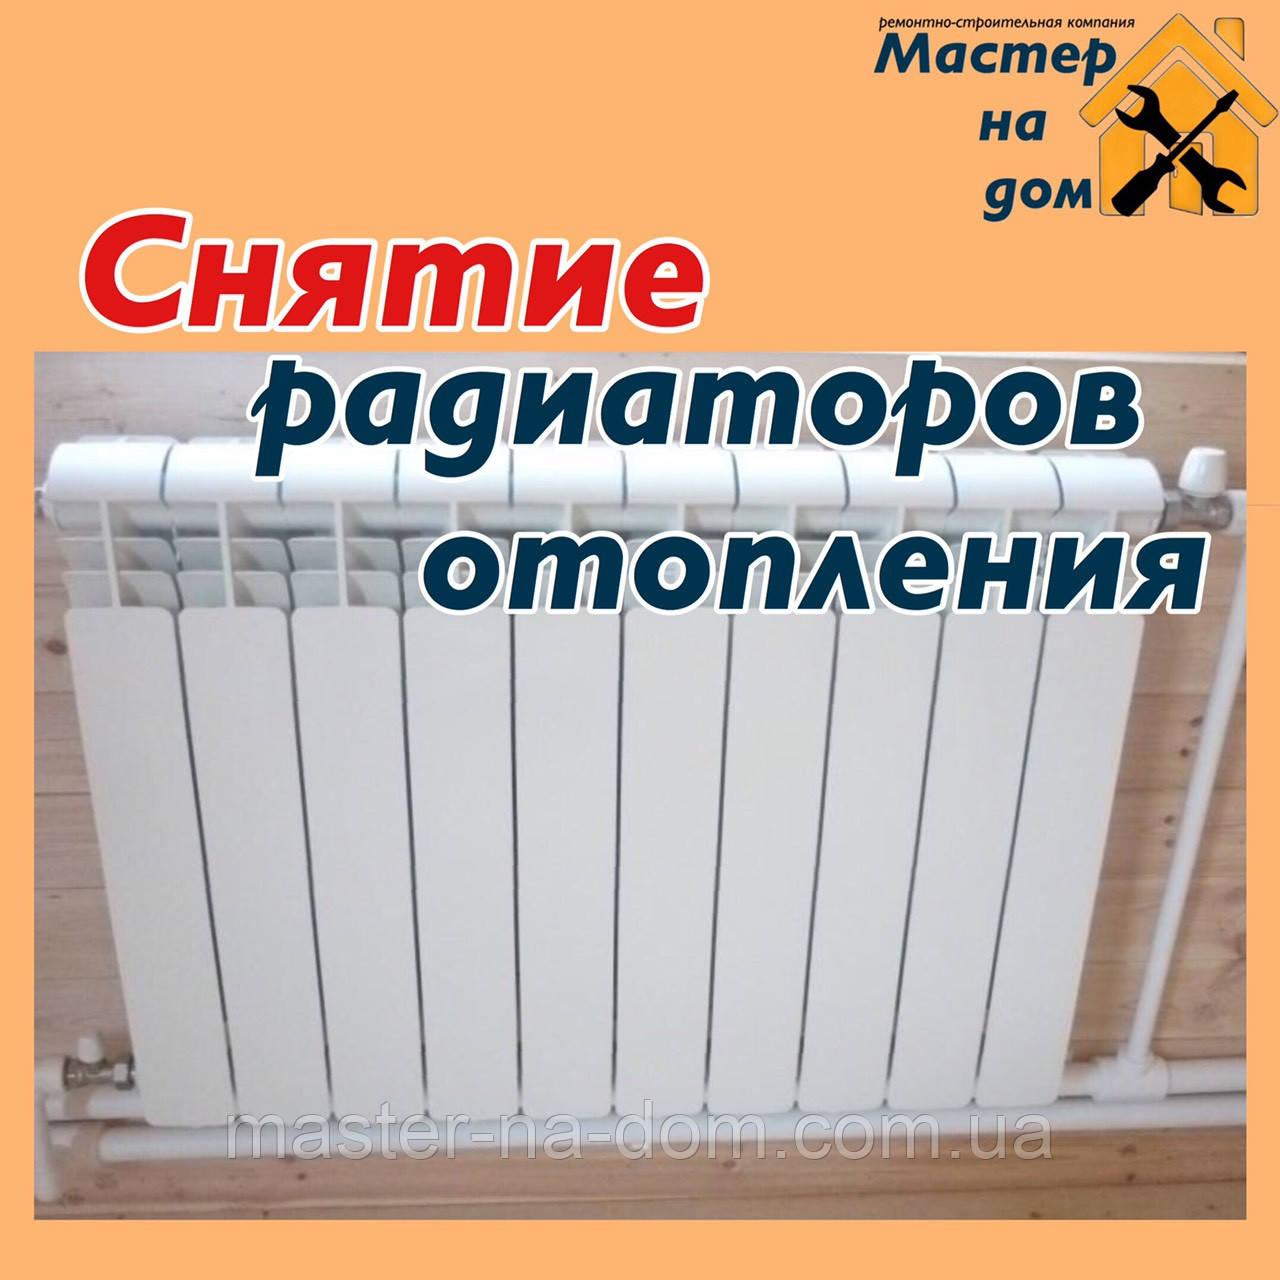 Снятие радиаторов отопления в Харькове